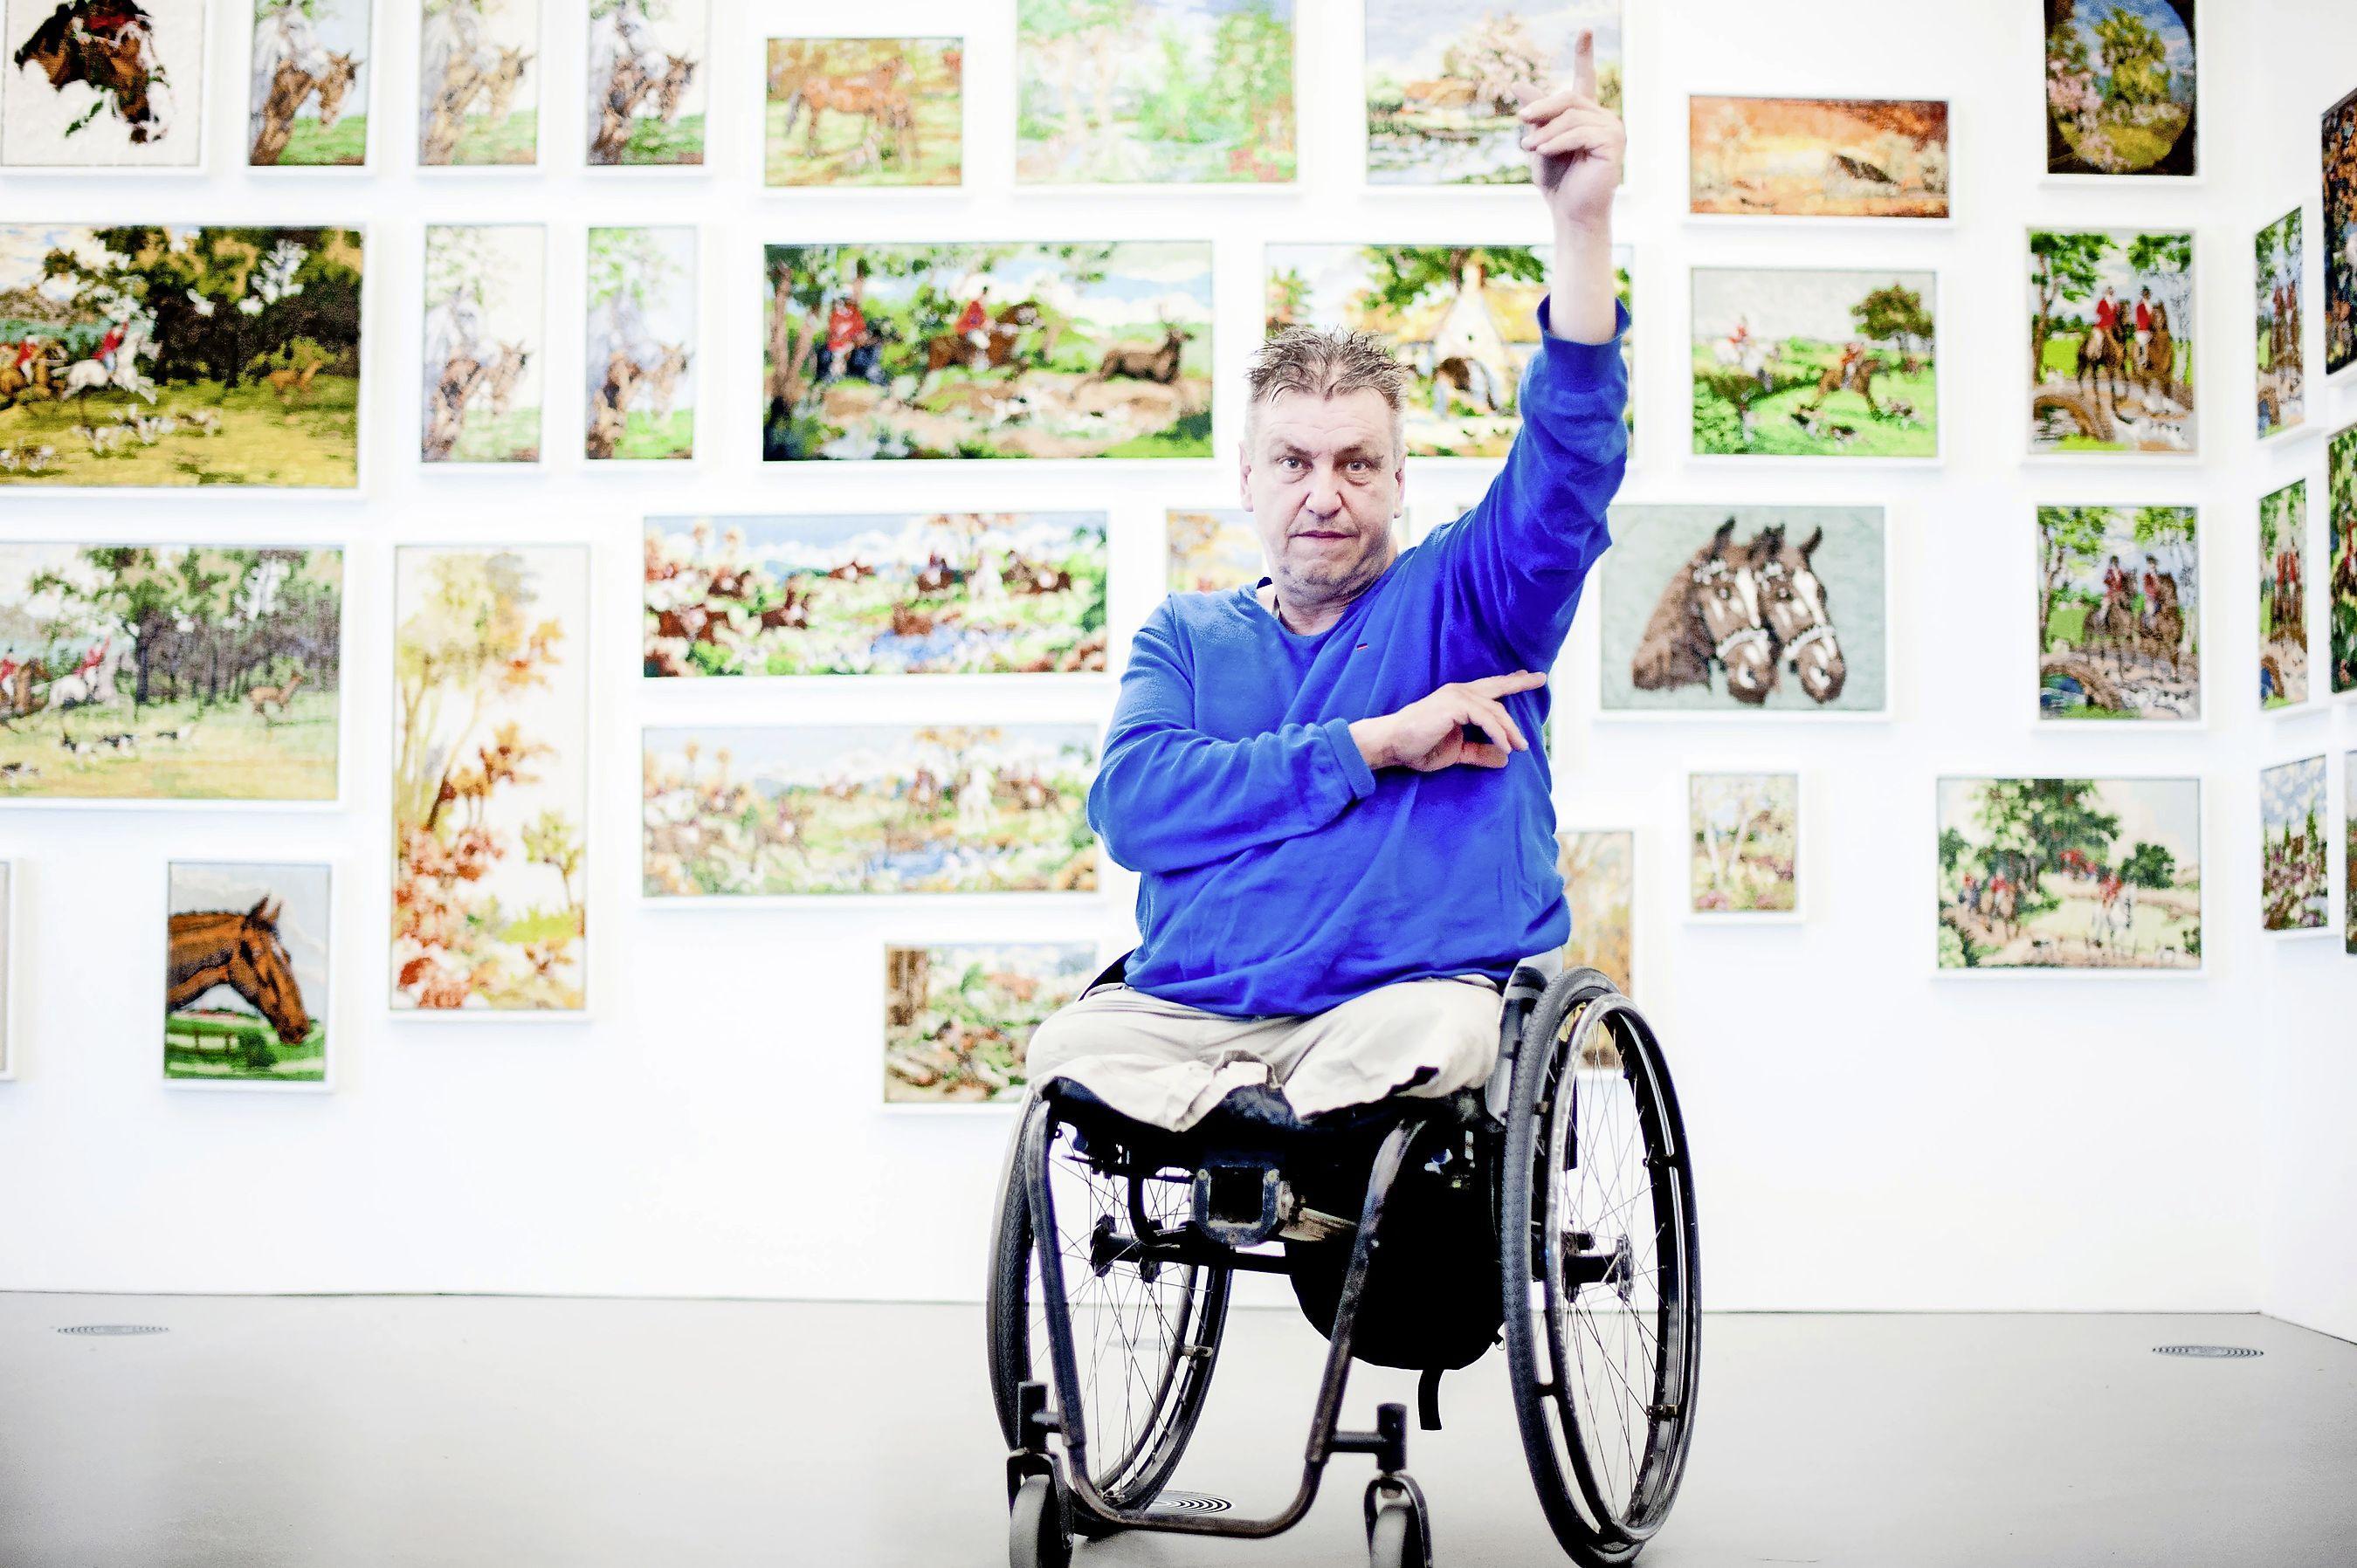 Krijgt de gemeente Den Helder nu wél toestemming van de rechter om de kunstcollectie van Rob Scholte te veilen?